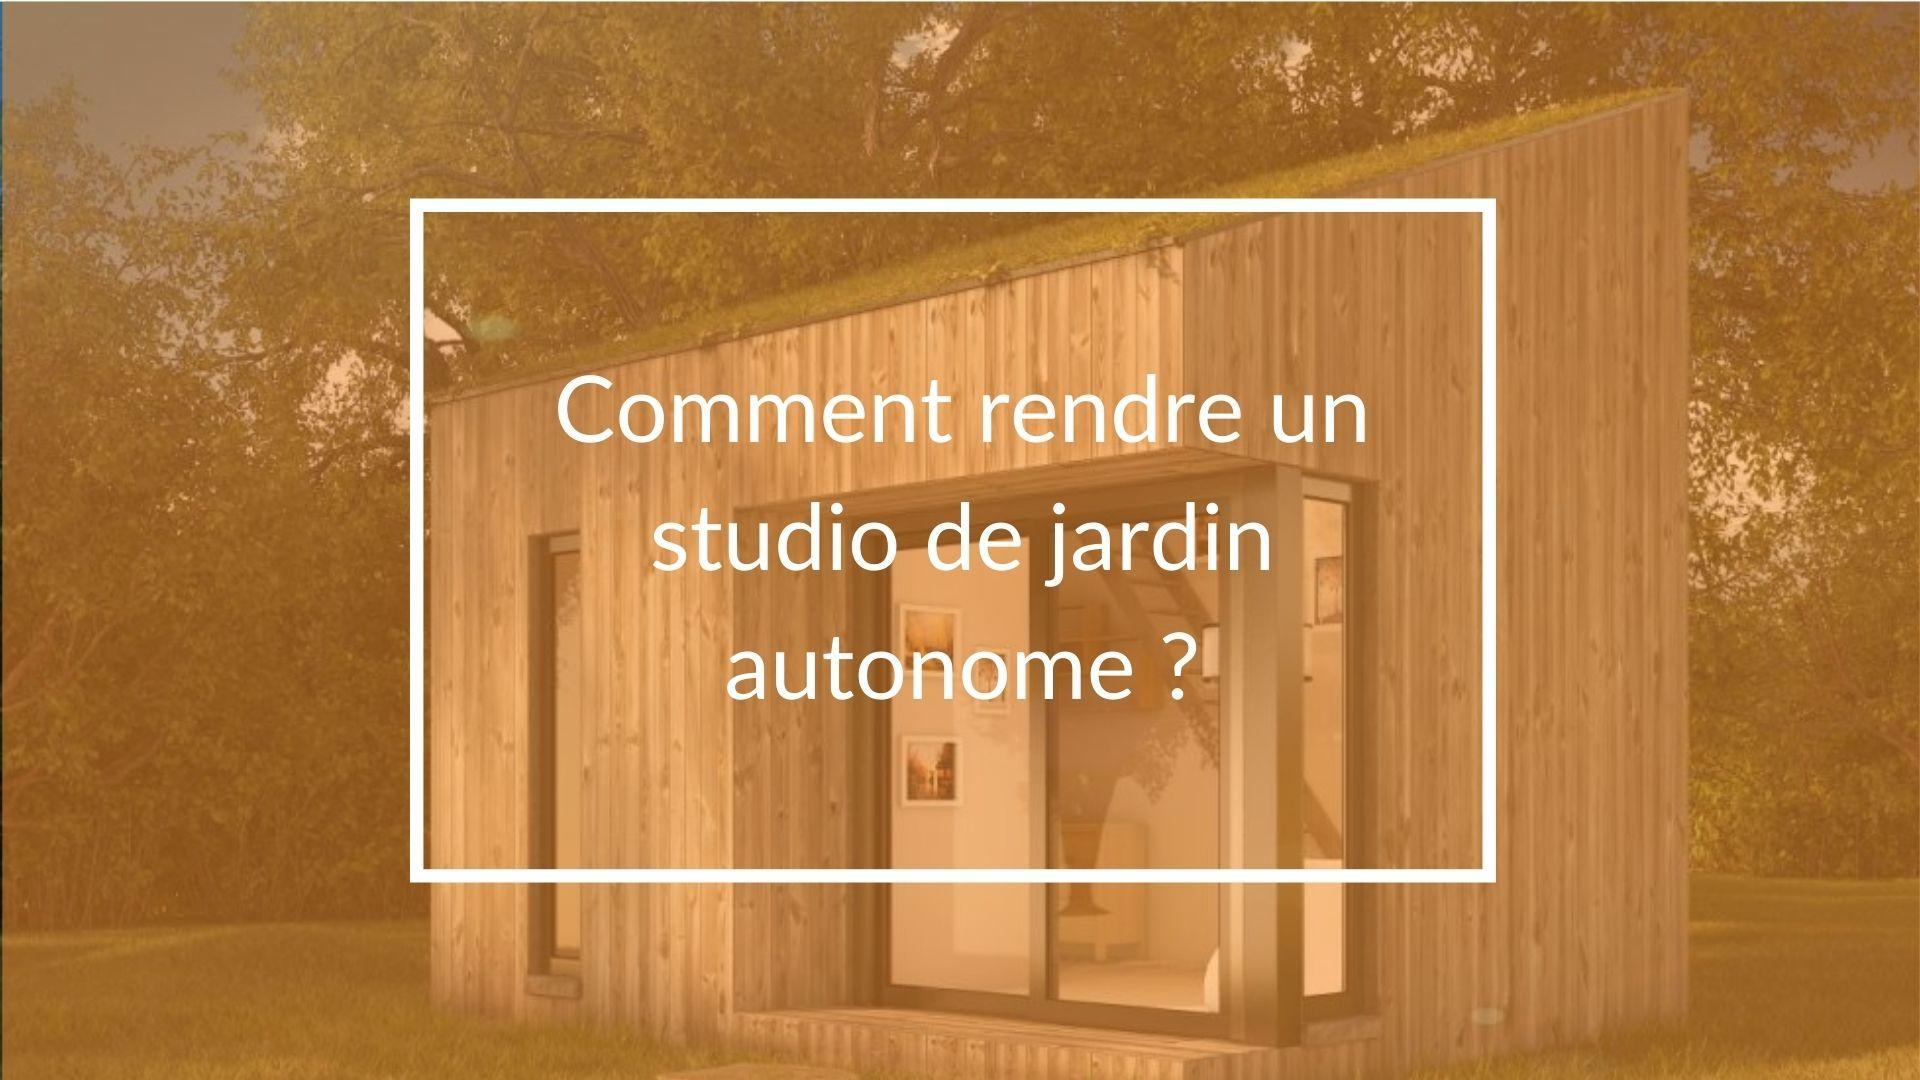 Comment rendre un studio de jardin autonome ?